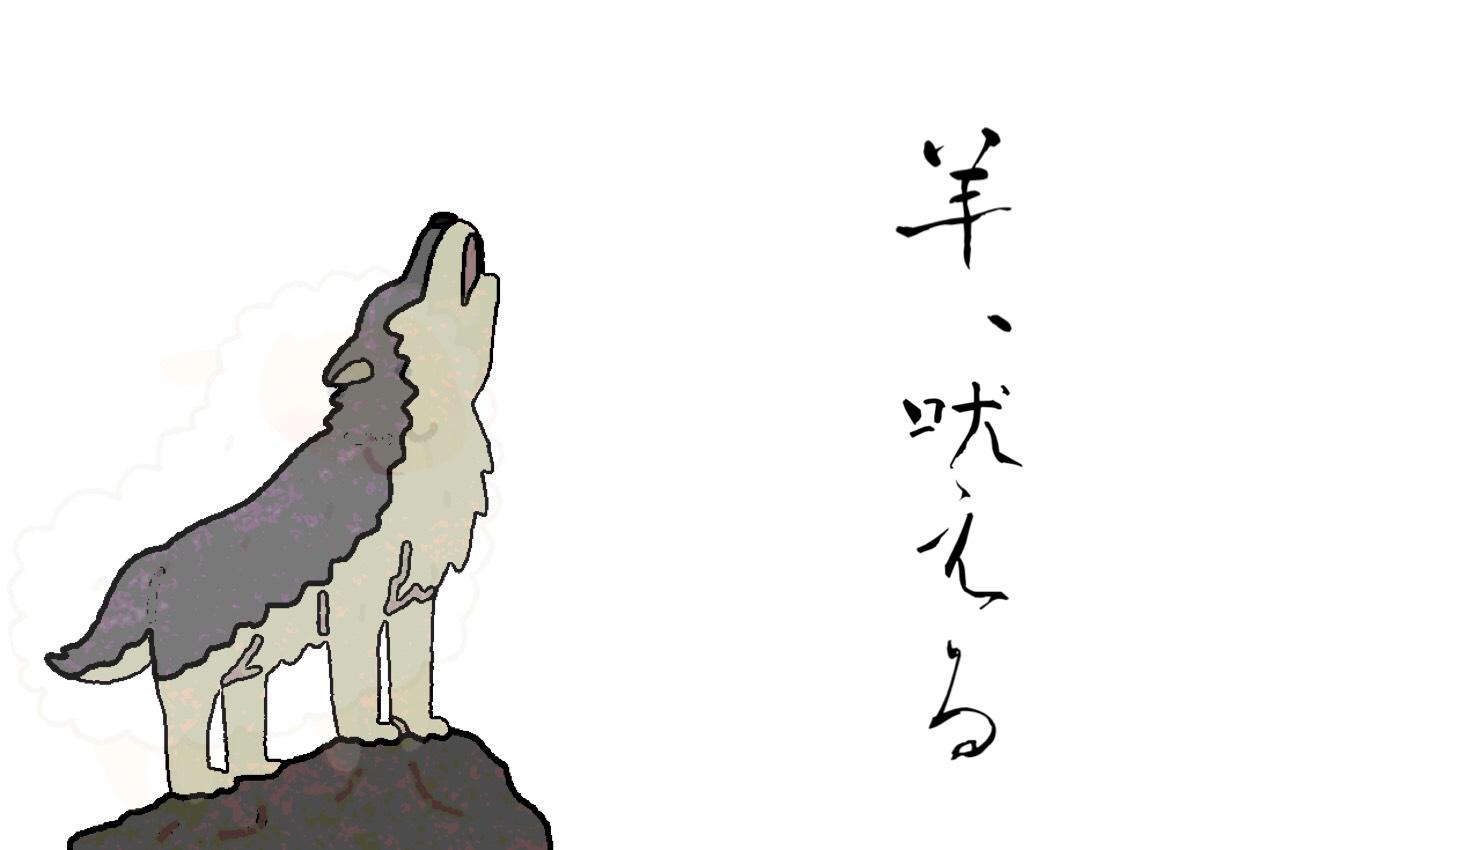 「羊、吠える」のイメージ